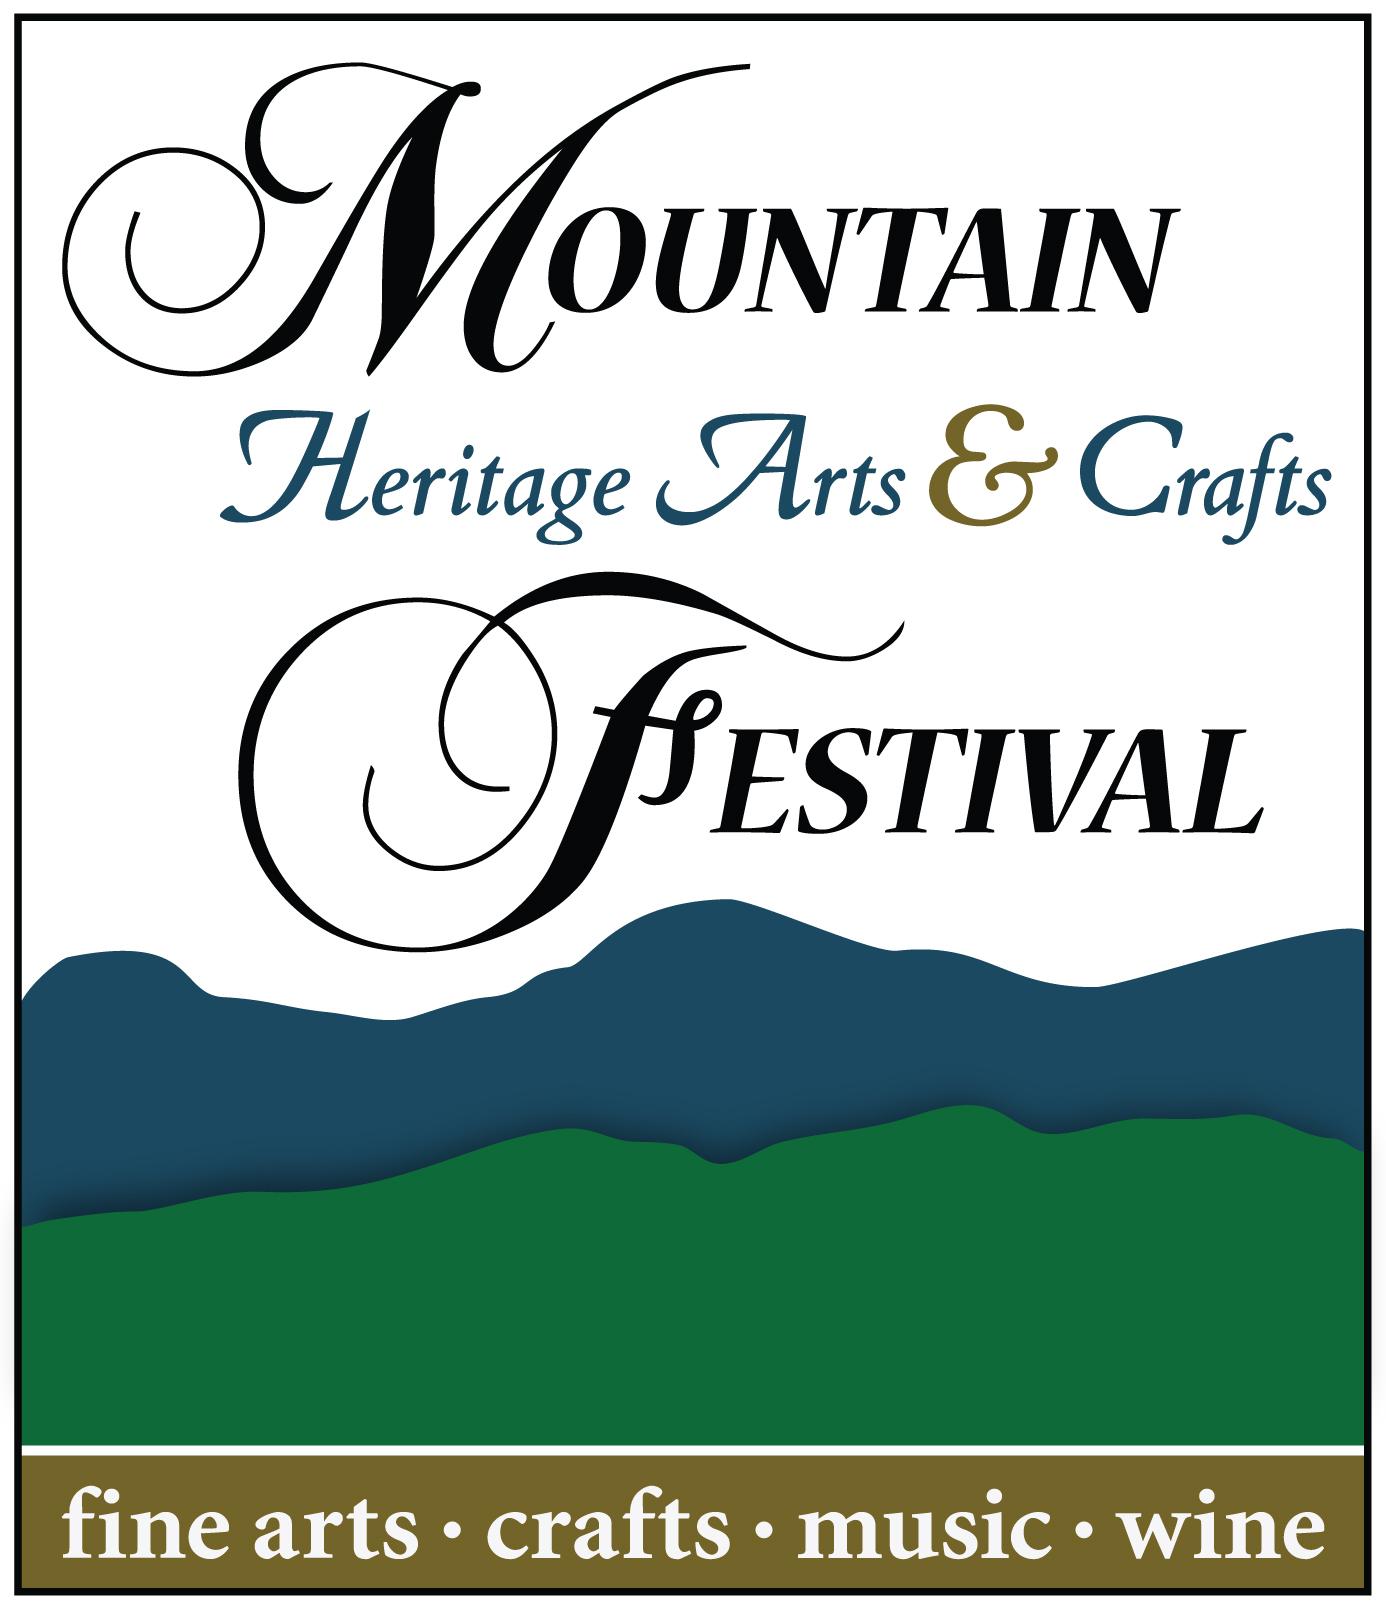 Mountain Heritage Arst & Crafts Logo